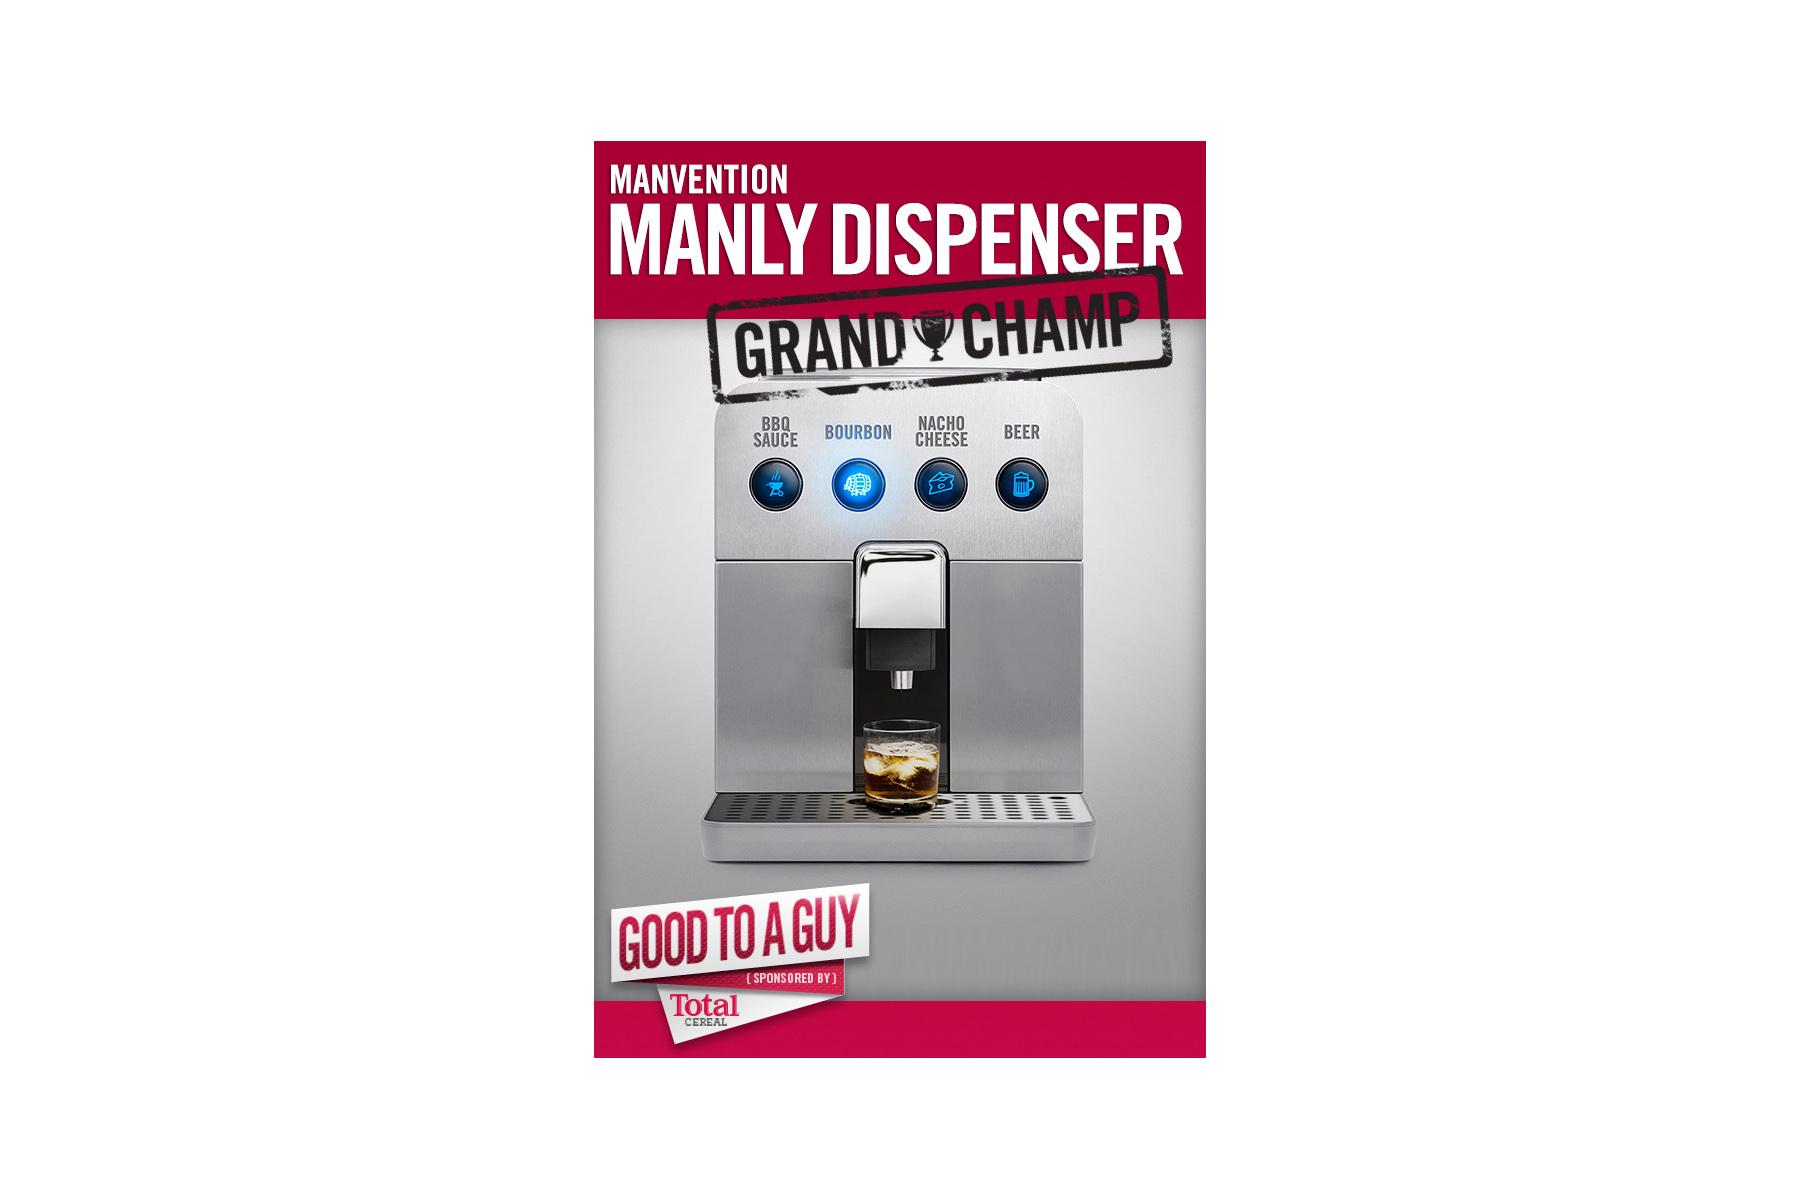 Large_ManventionCard_ManlyDispenser copy.jpg